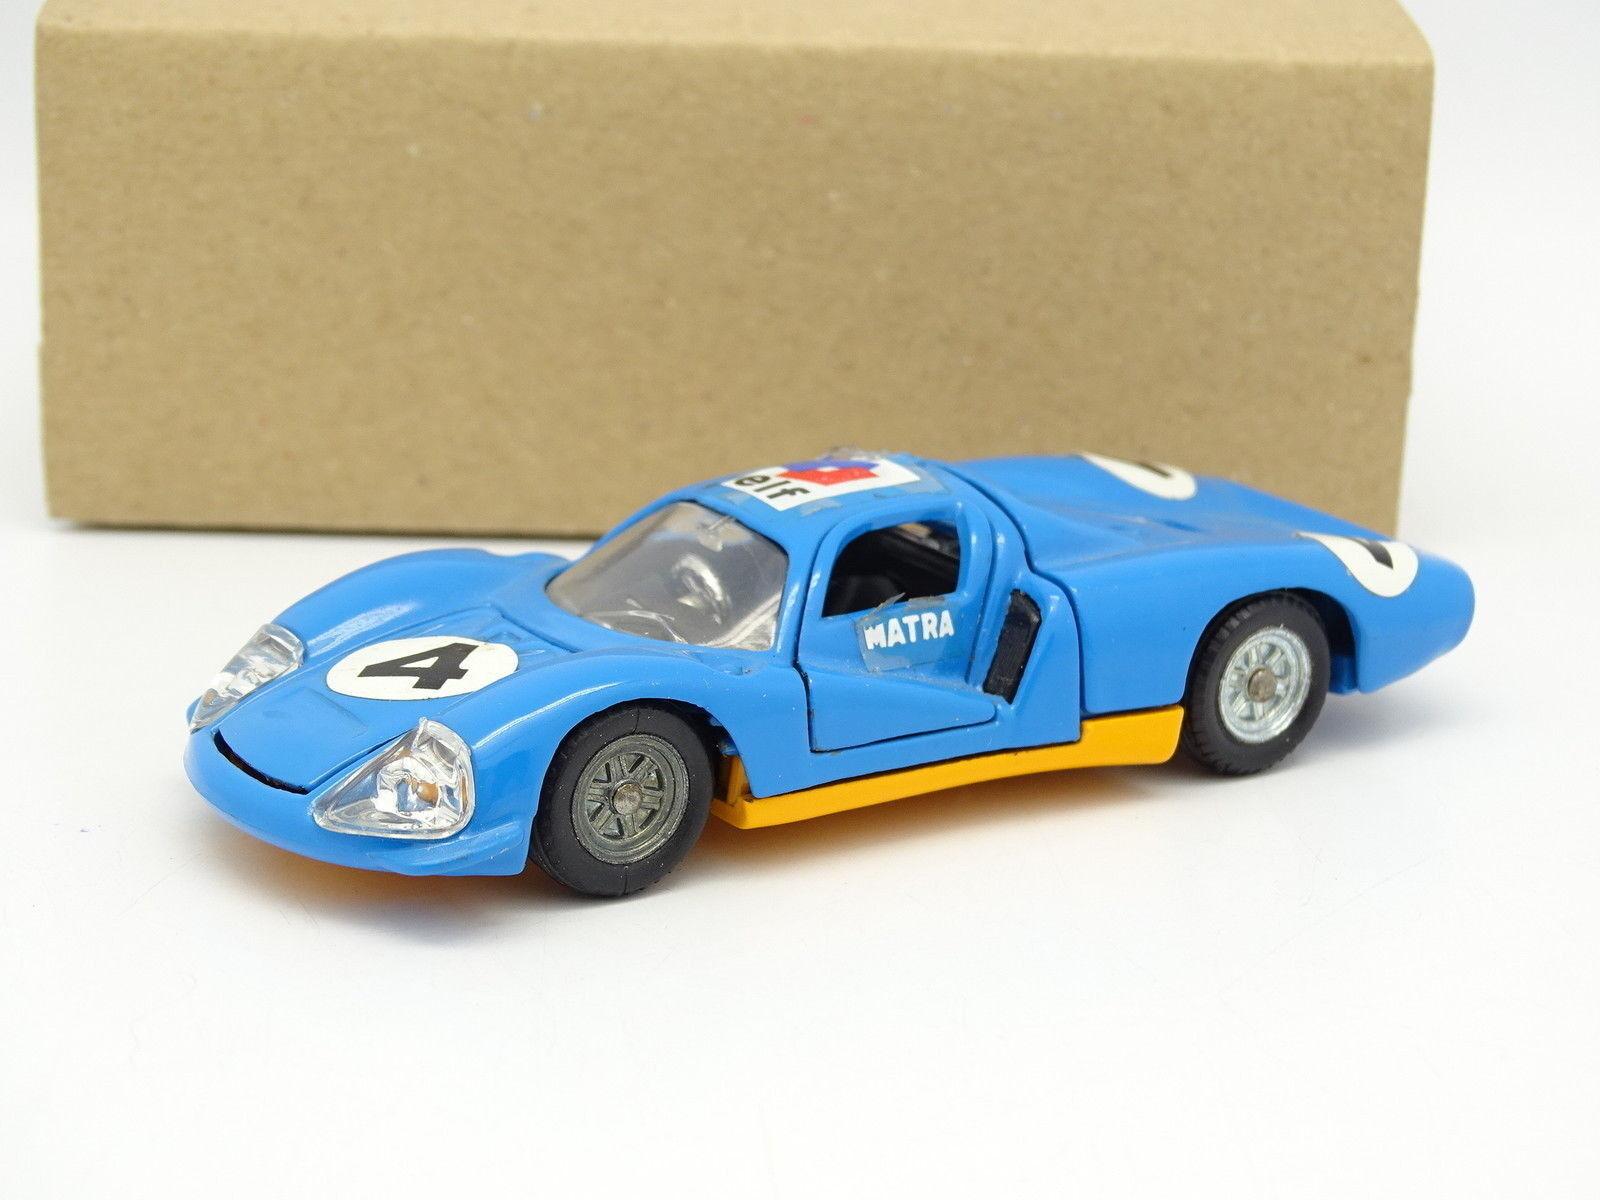 la mejor oferta de tienda online PoliJuguetes 1 43 - Matra Sports 630 N° N° N° 4 Le Mans N° 595  el más barato